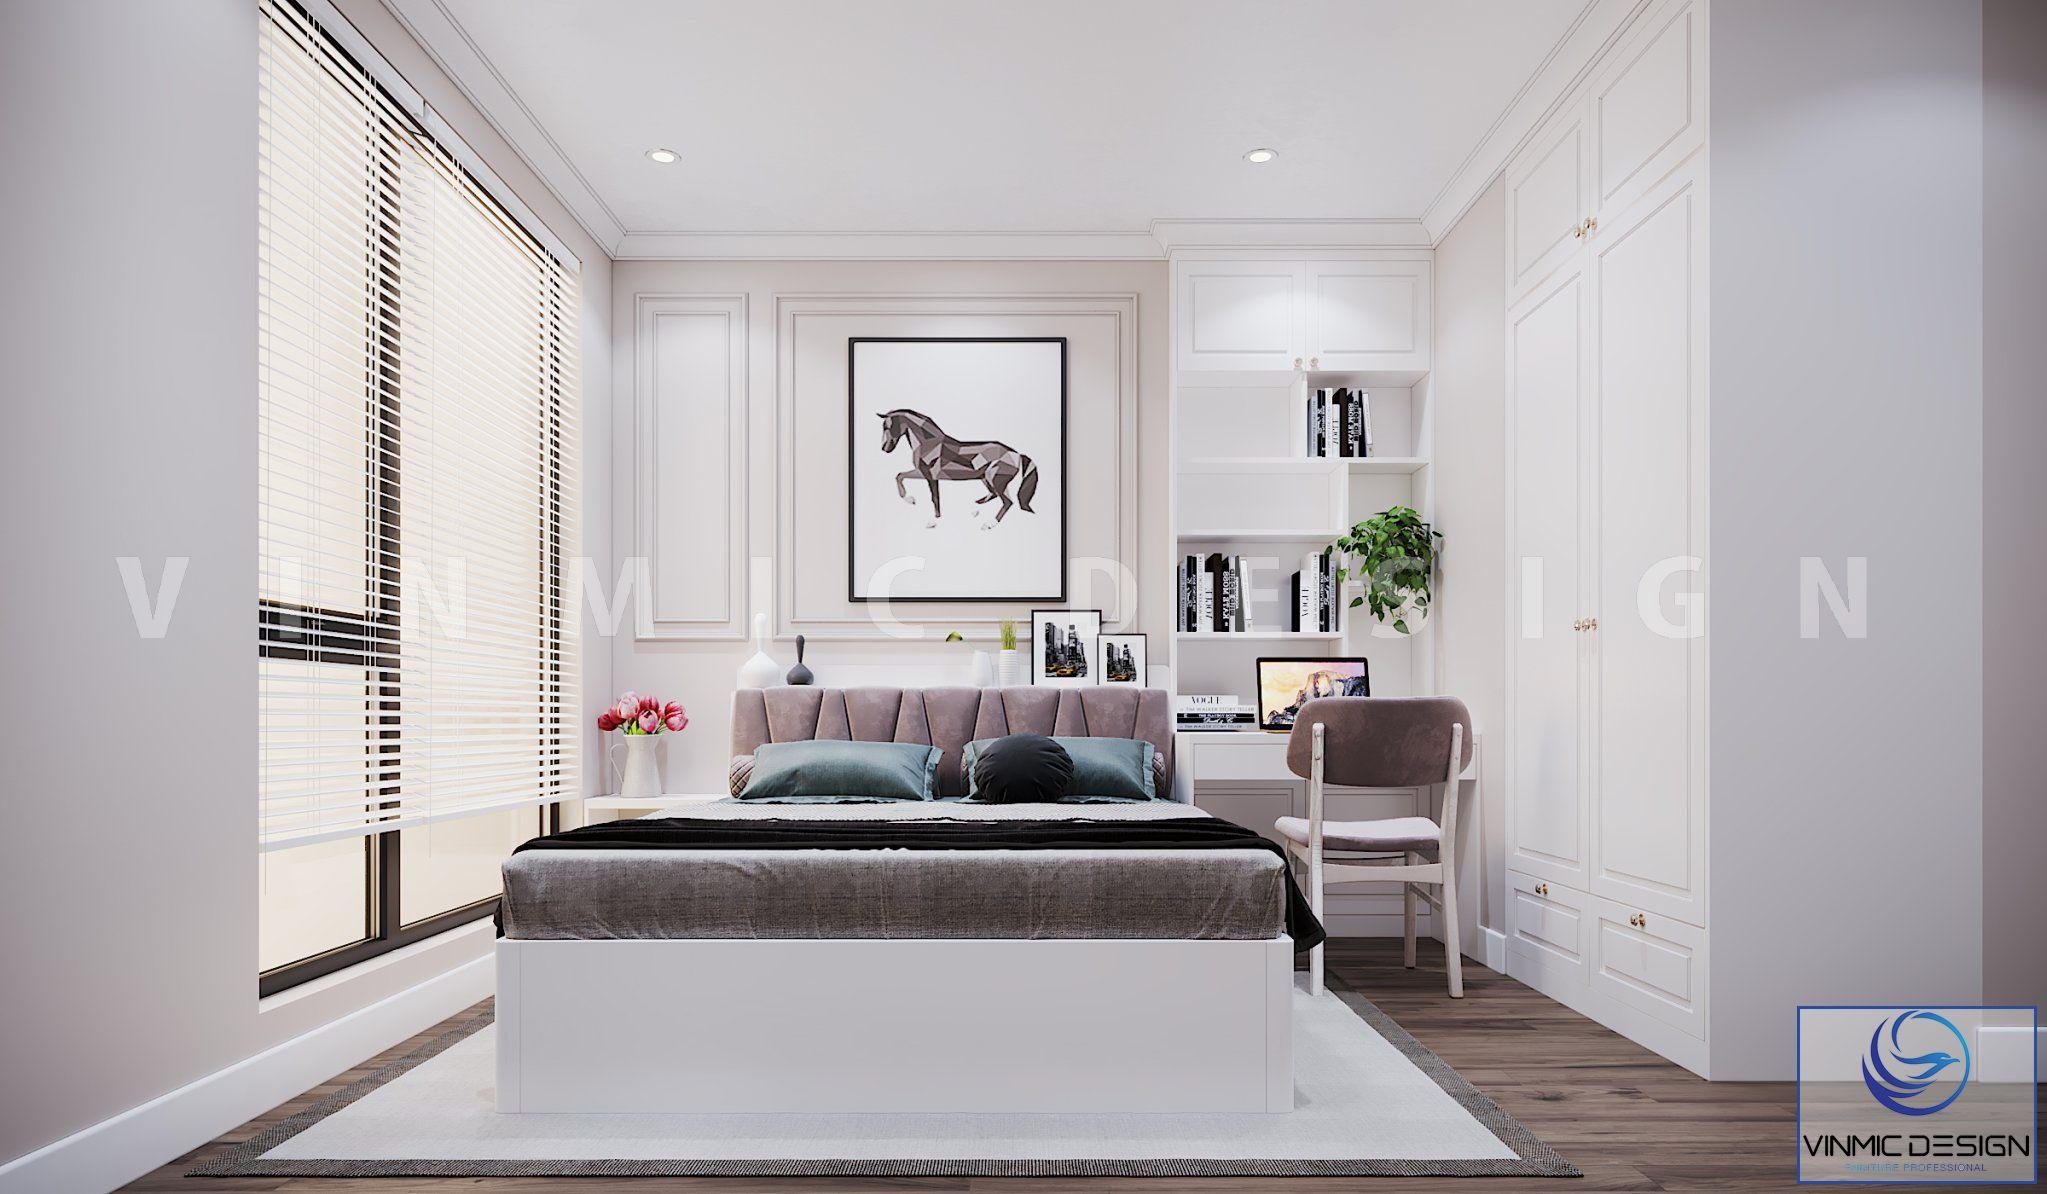 Thiết kế nội thất phòng ngủ phong cách tân cổ điển đẹp